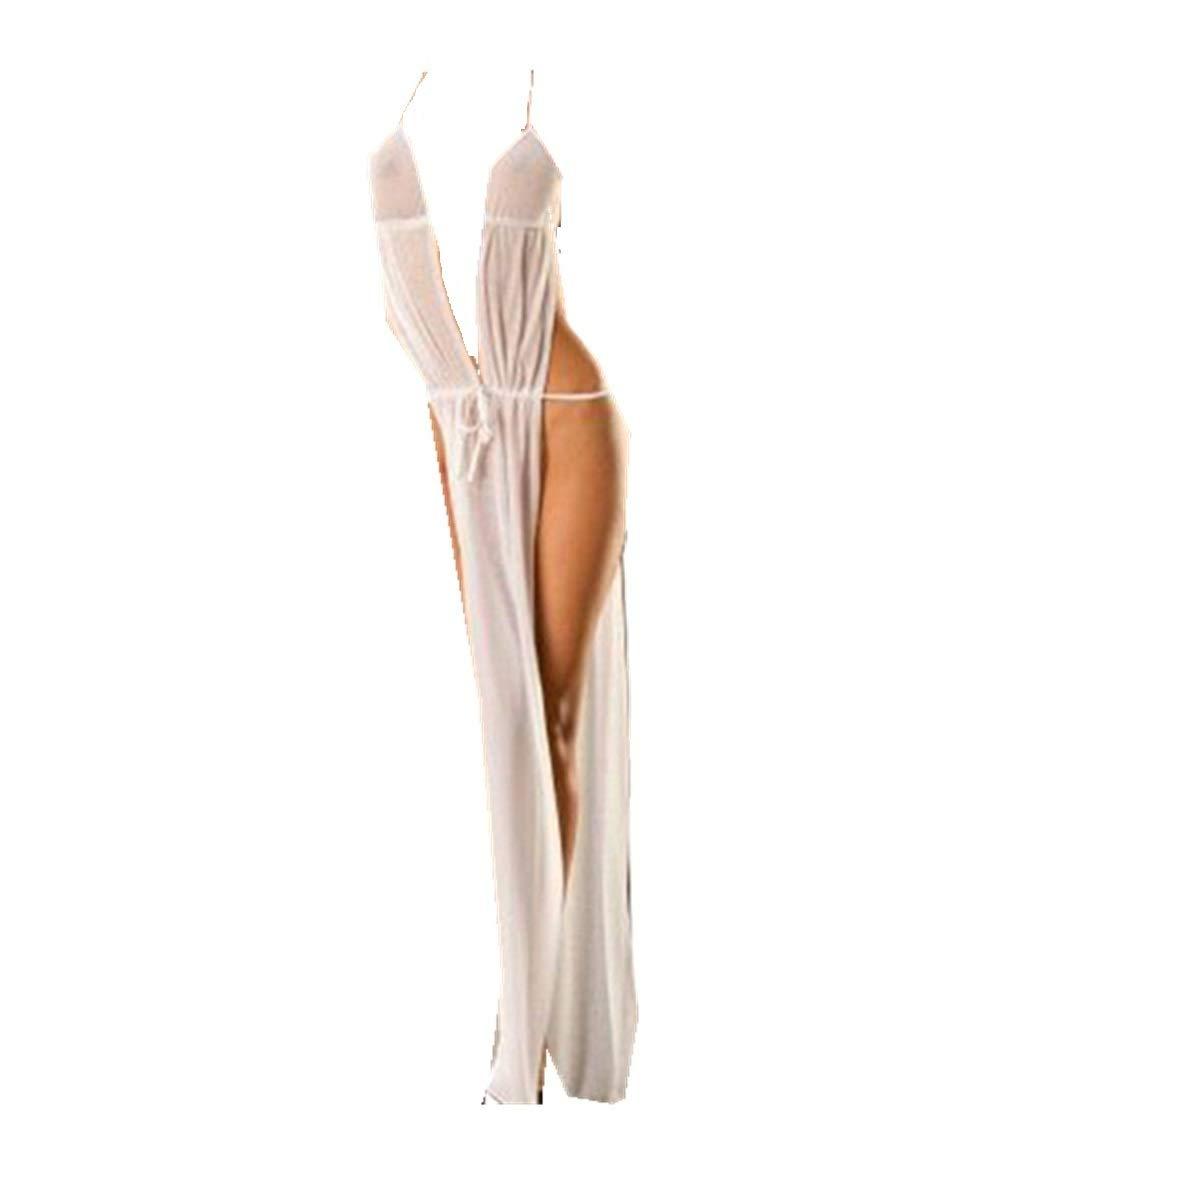 BaZhaHei-Productos para adultos, Productos de Adultos del Juguetes sexuales Ropa Interior de Vestido de Mujer Transparente de Encaje Sexy para Mujer del ...